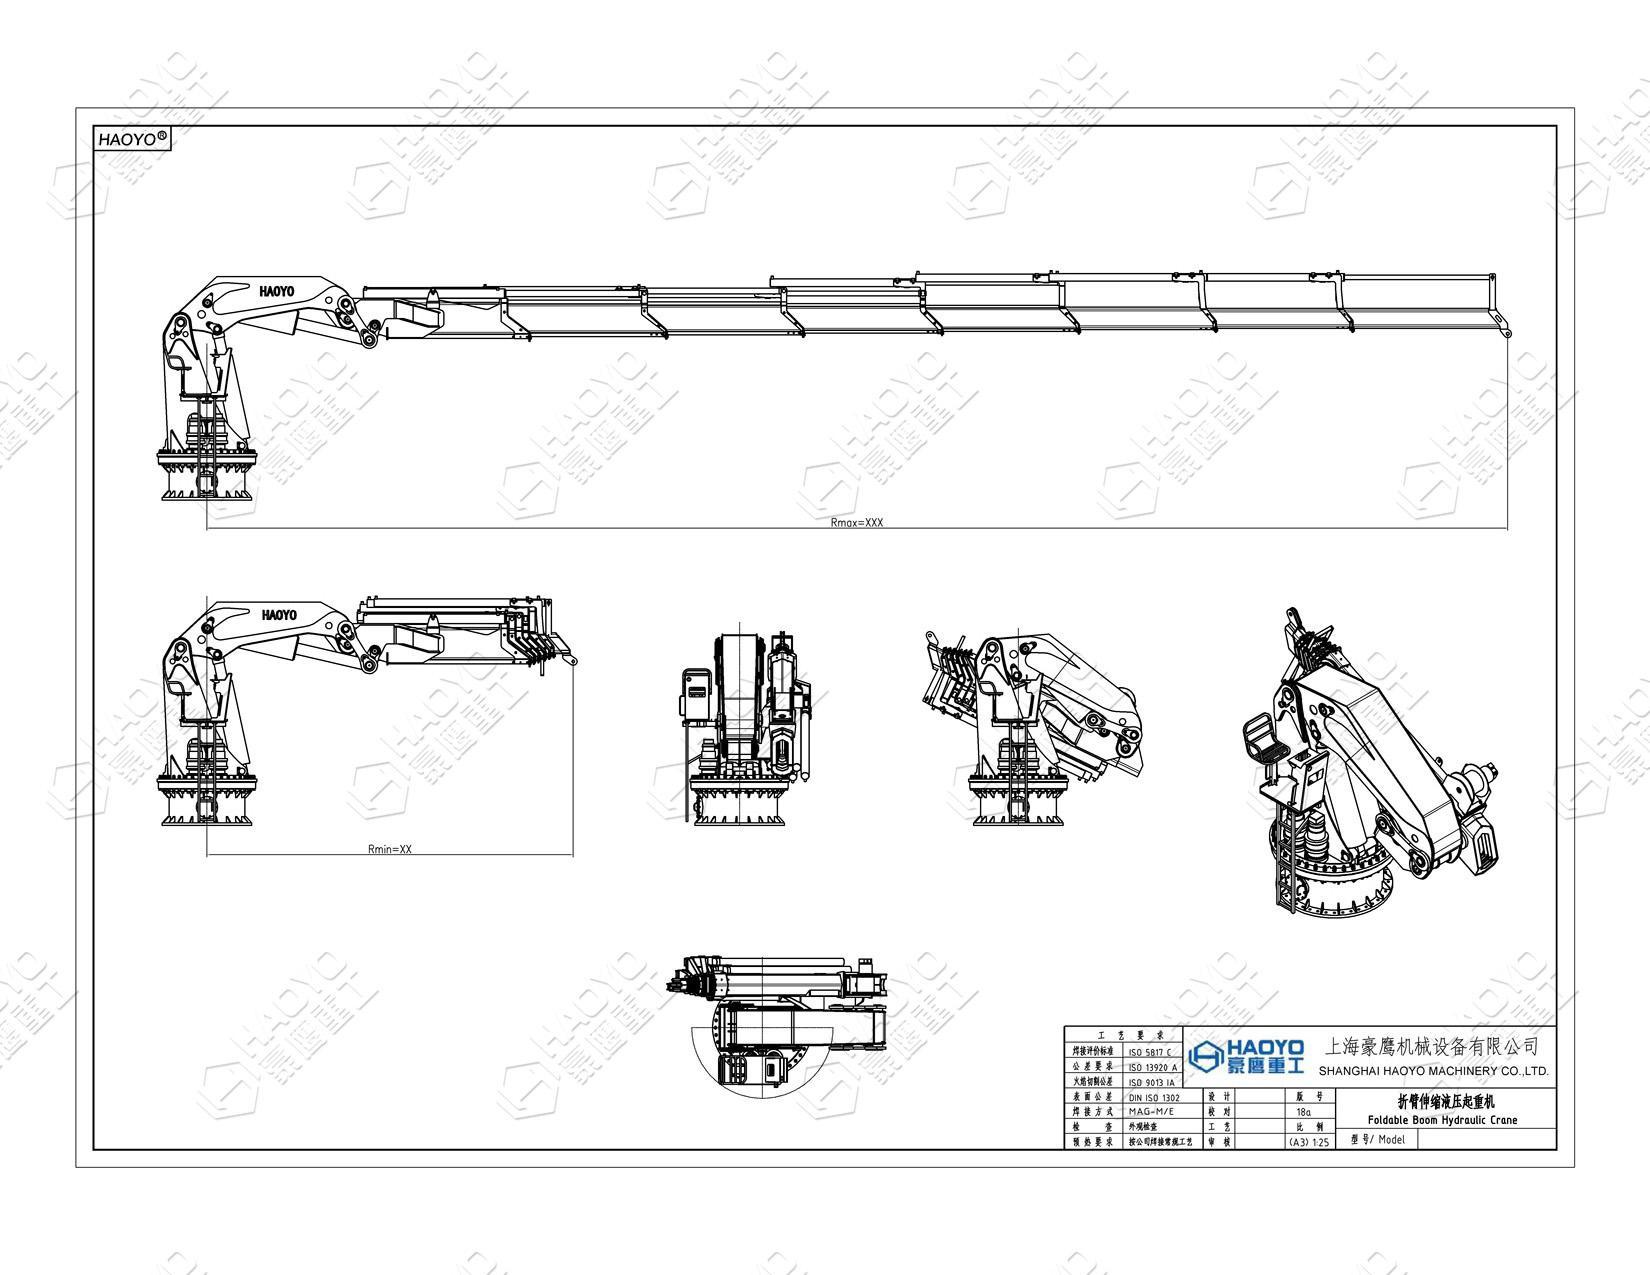 可折疊弔桿小型電動移動式起重機 4